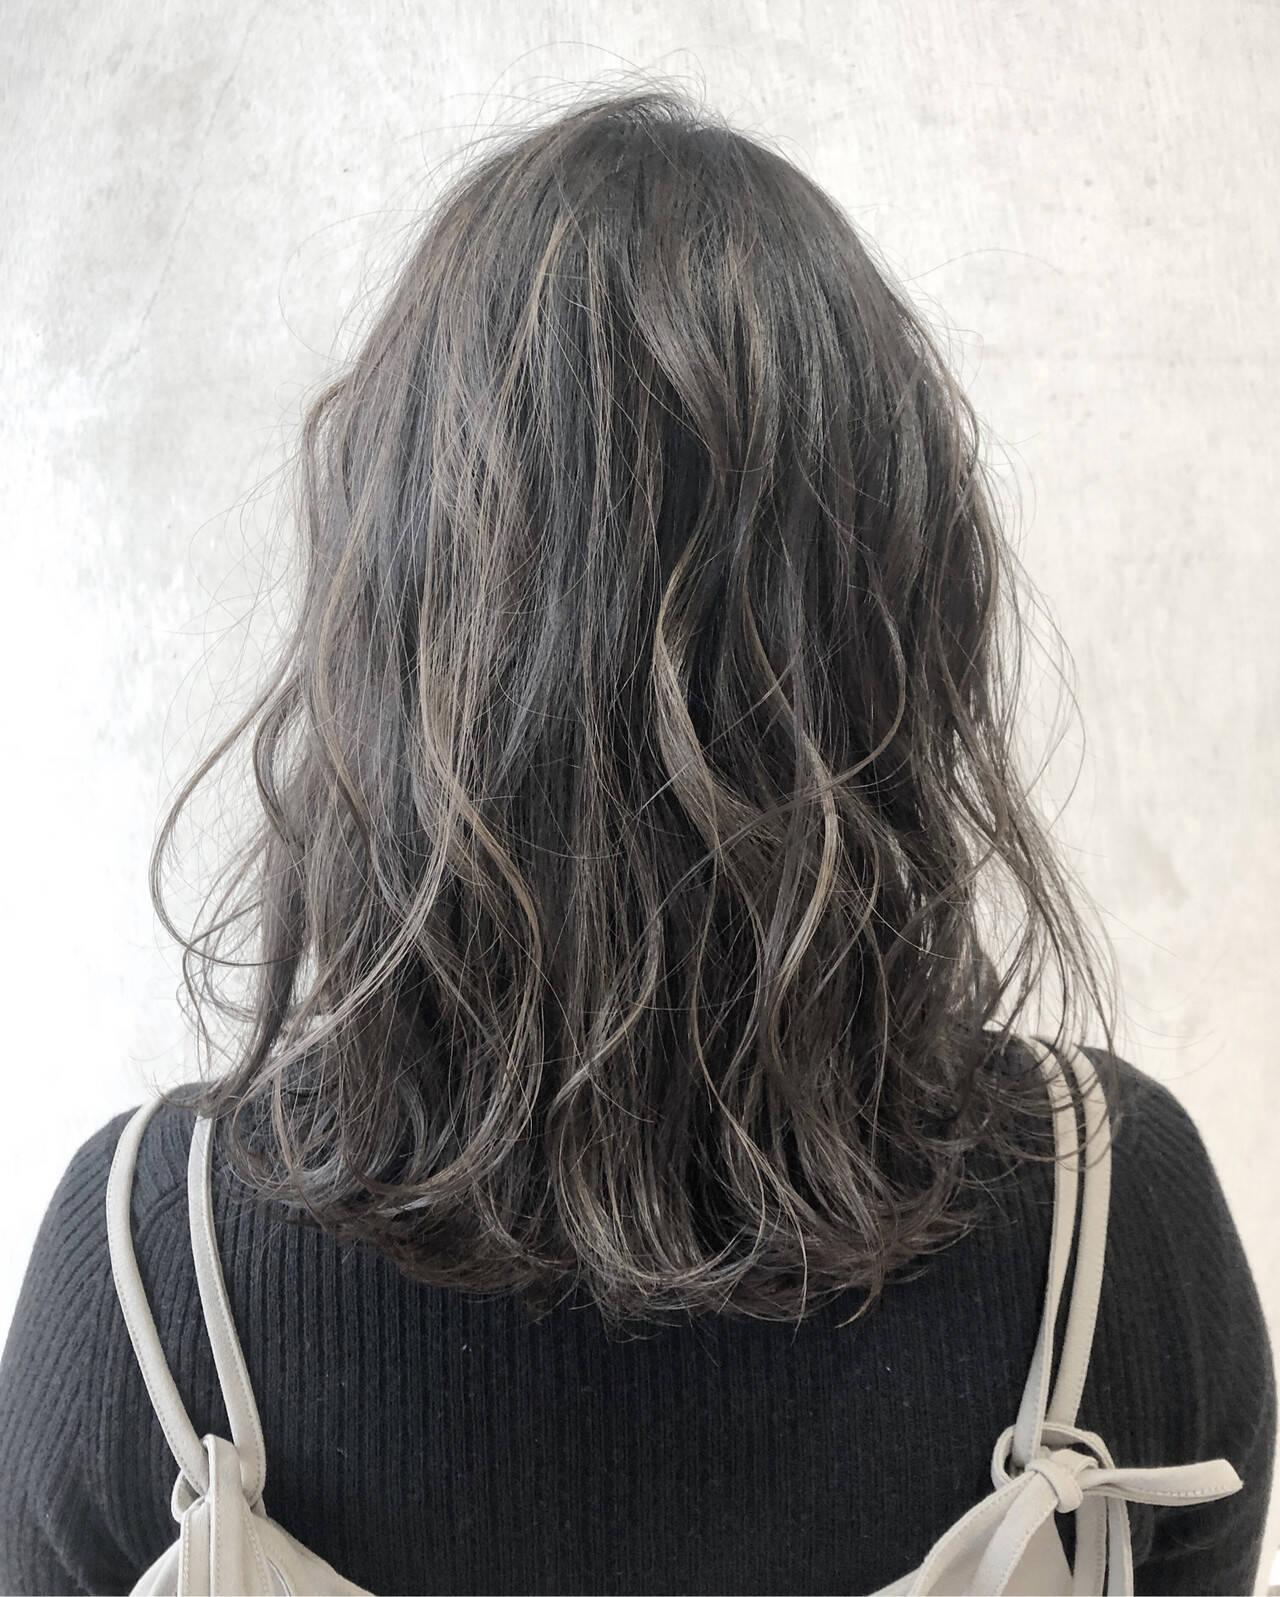 ナチュラル ブリーチオンカラー ミディアム アッシュグレージュヘアスタイルや髪型の写真・画像